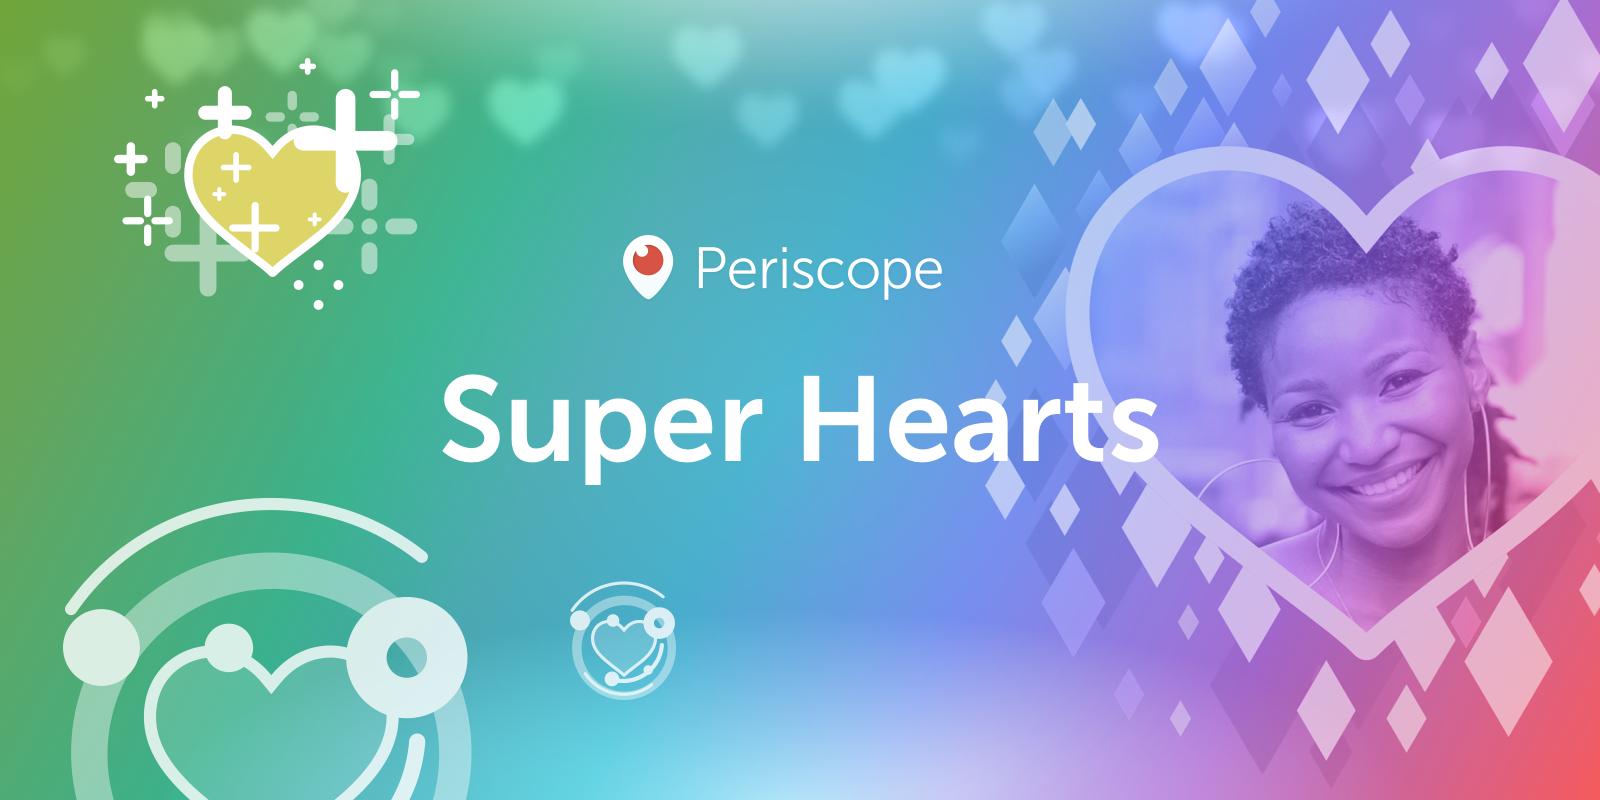 В Periscope появились платные суперсердечки